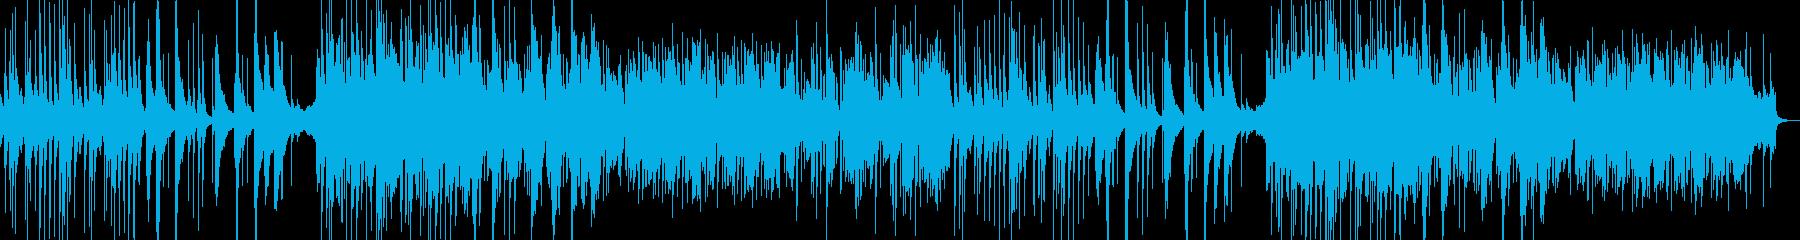 琴と和楽器 静かな和風BGMの再生済みの波形